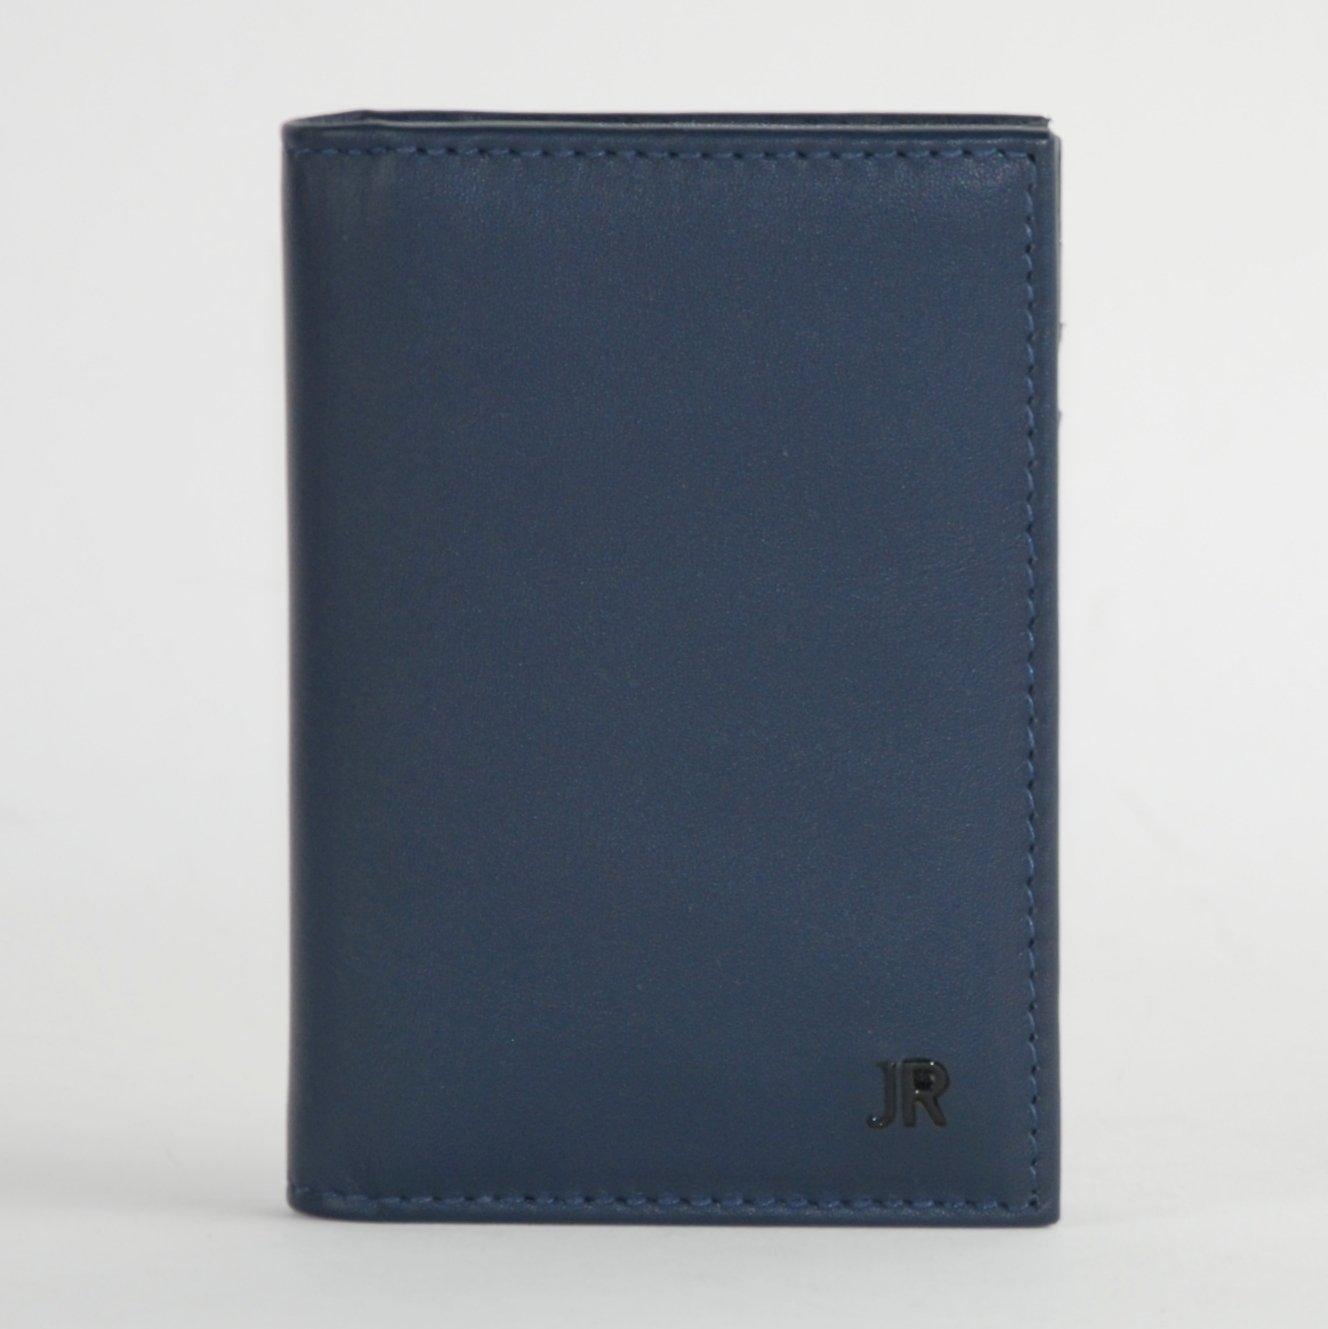 John Richmond Men's Wallet JO1432718